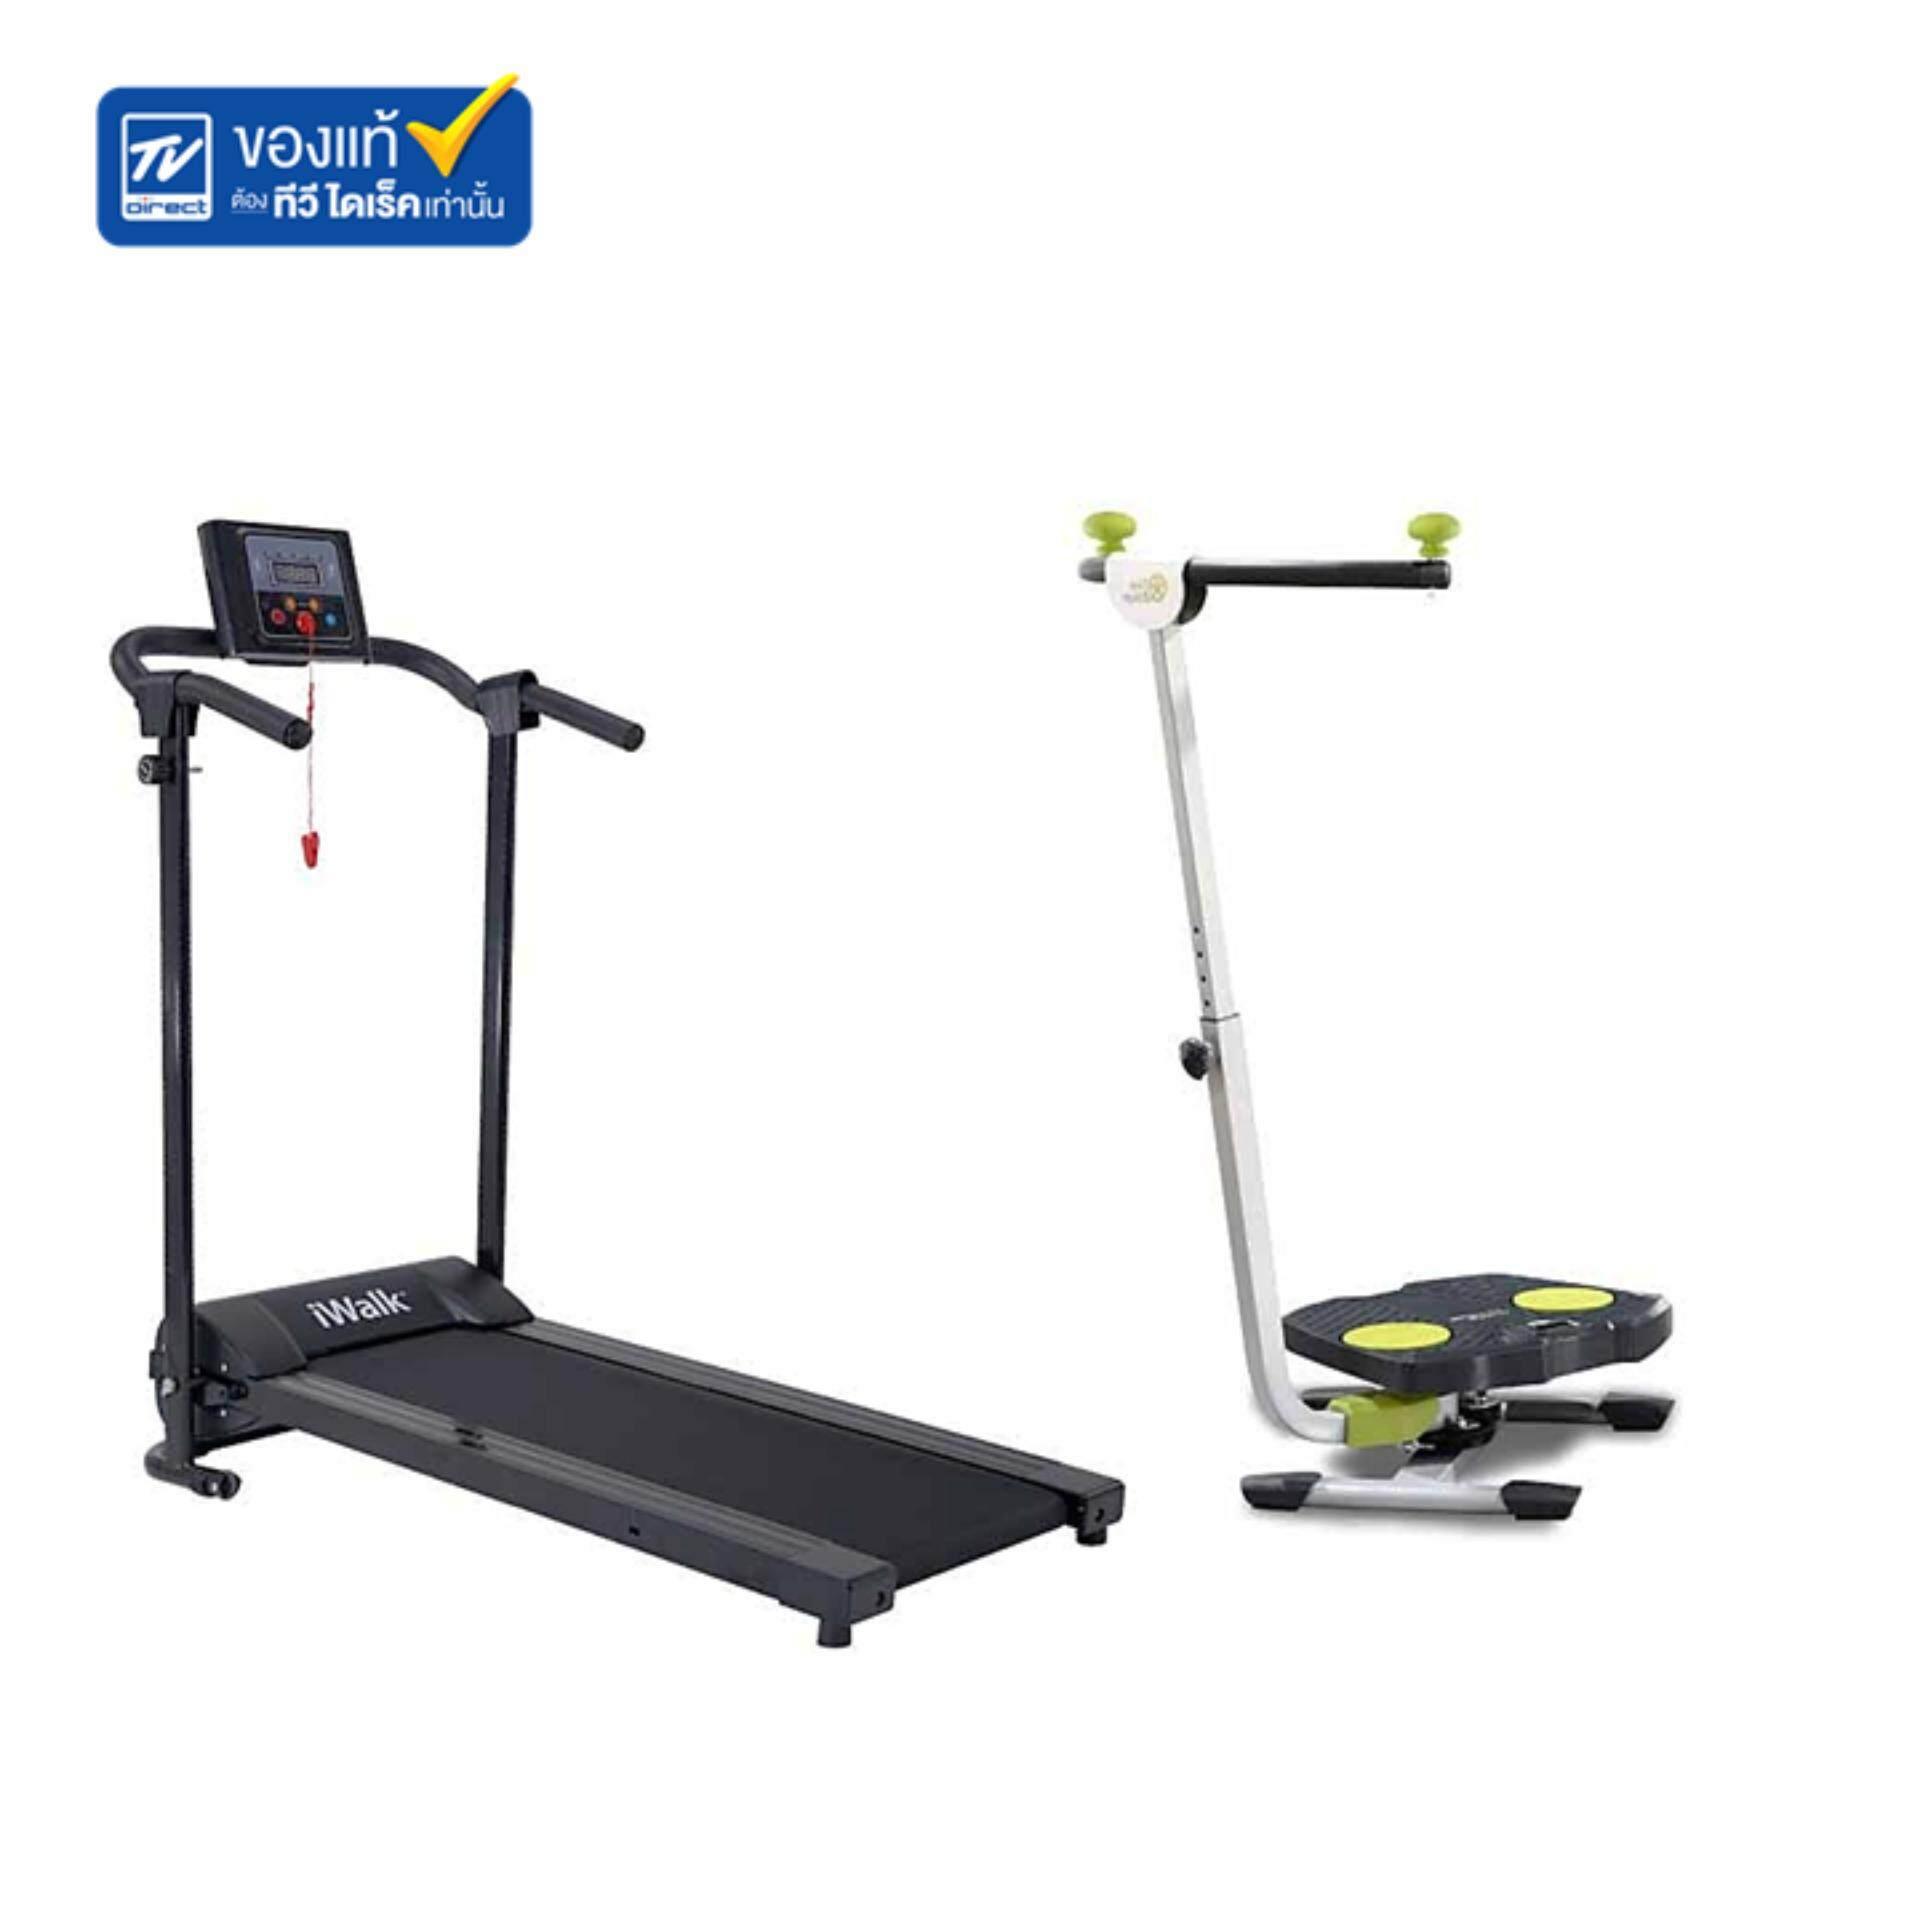 เก็บเงินปลายทางได้ TVDirect  I Walk Treadmill  E318Z Black e ลู่บริหาร สีดำ + Twist and Shape เครื่องออกกำลังกายระบบทวิส